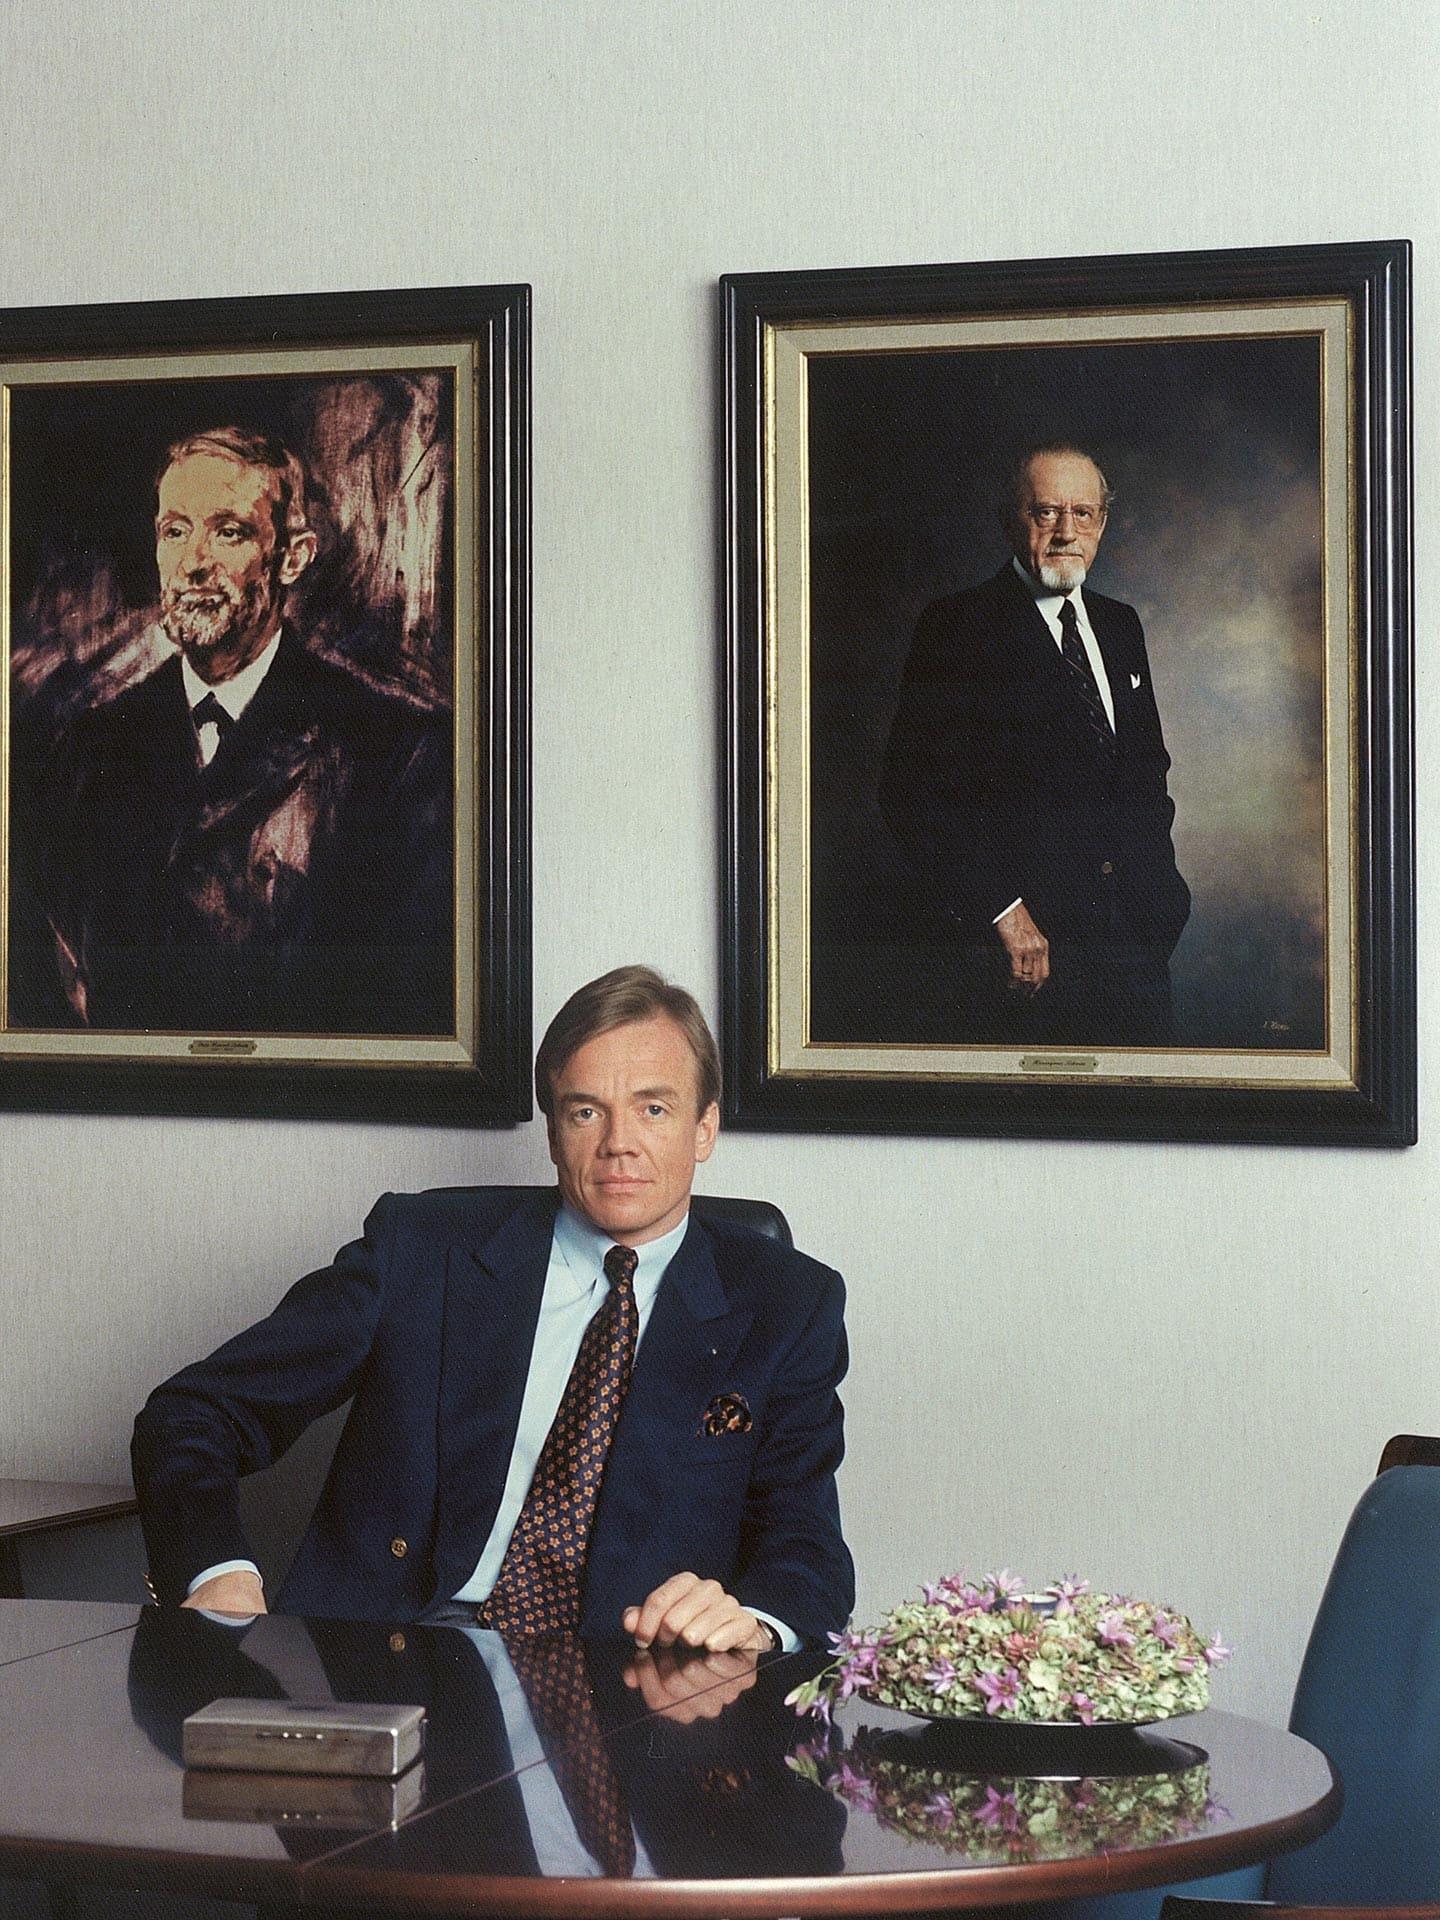 Ralf Schmitz in front of the portraits of Peter Heinrich and Hieronymus Schmitz